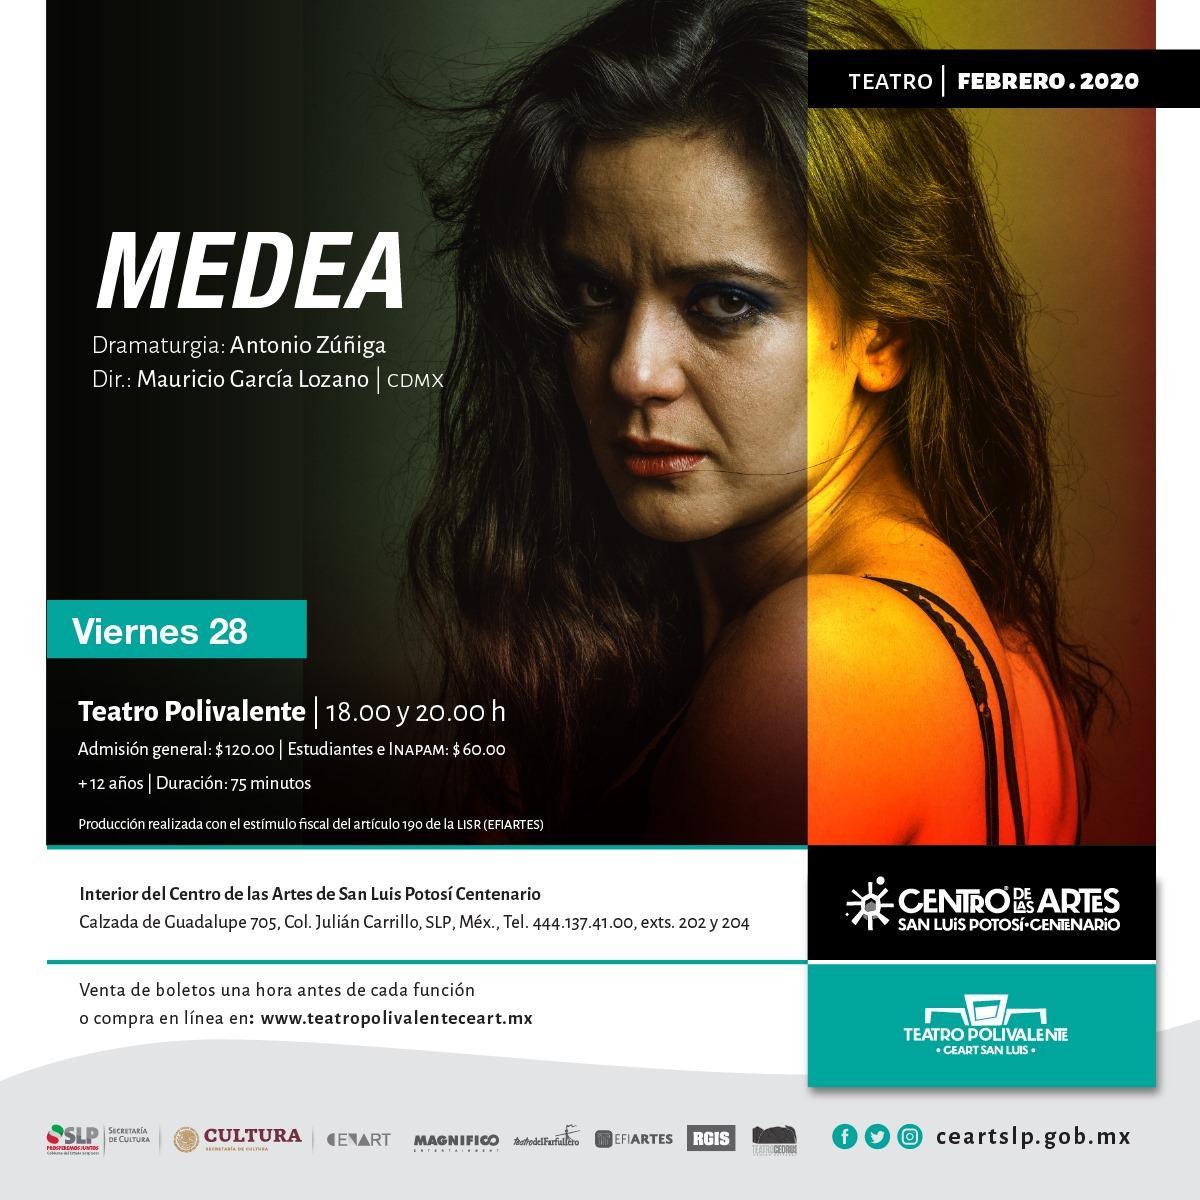 Medea en el Teatro Polivalente del CEARTSLP